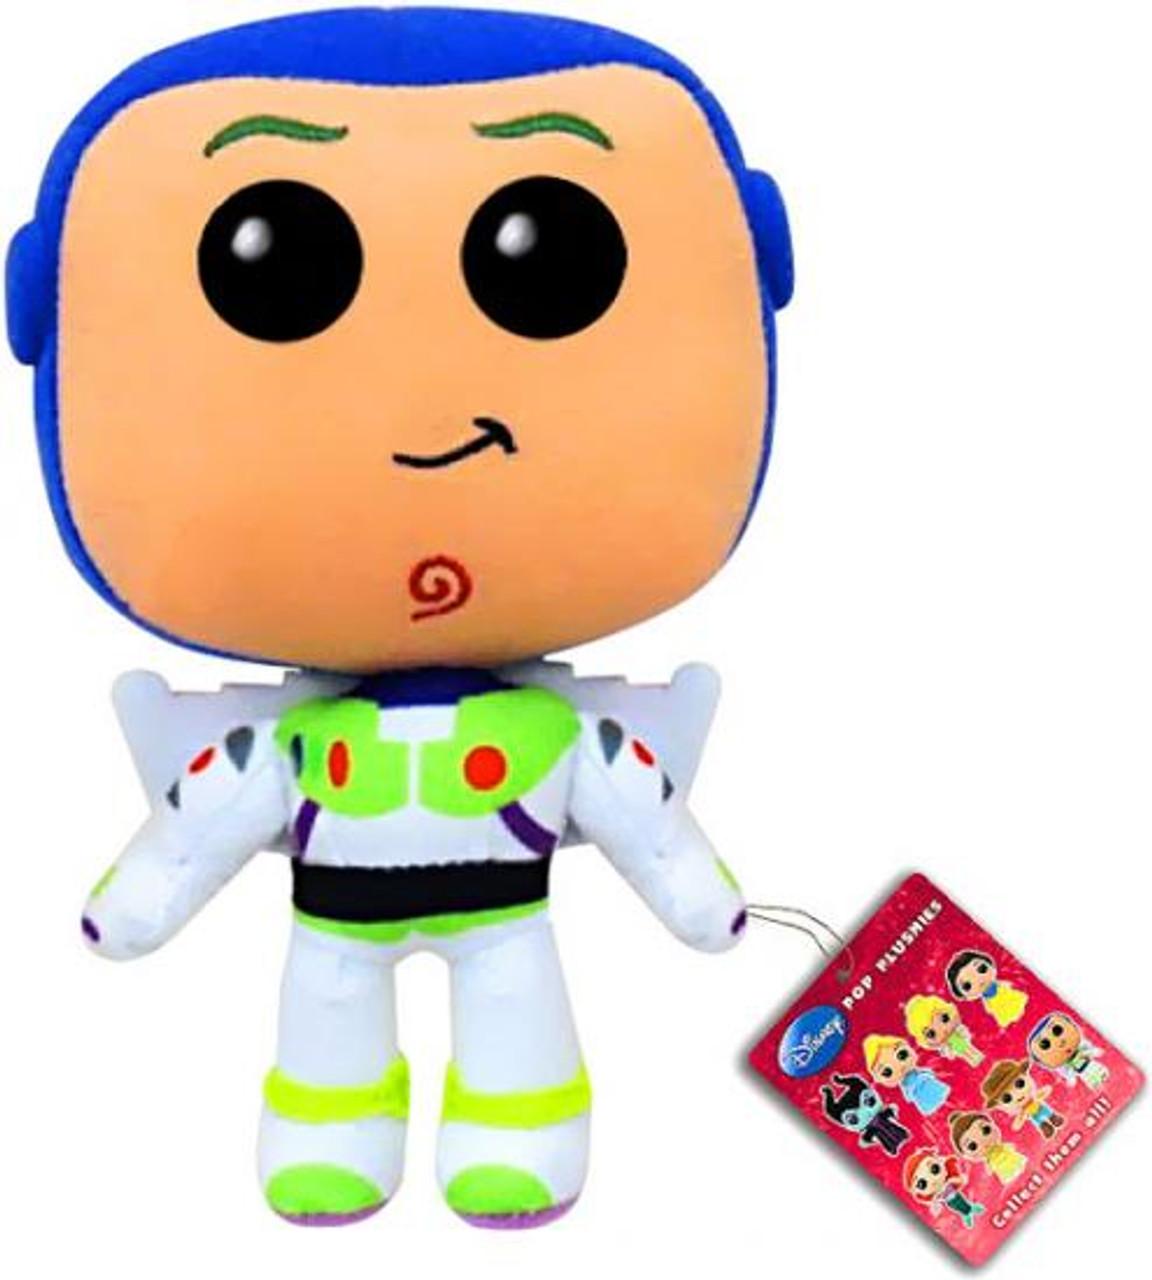 Funko Toy Story Disney Buzz Lightyear Plush